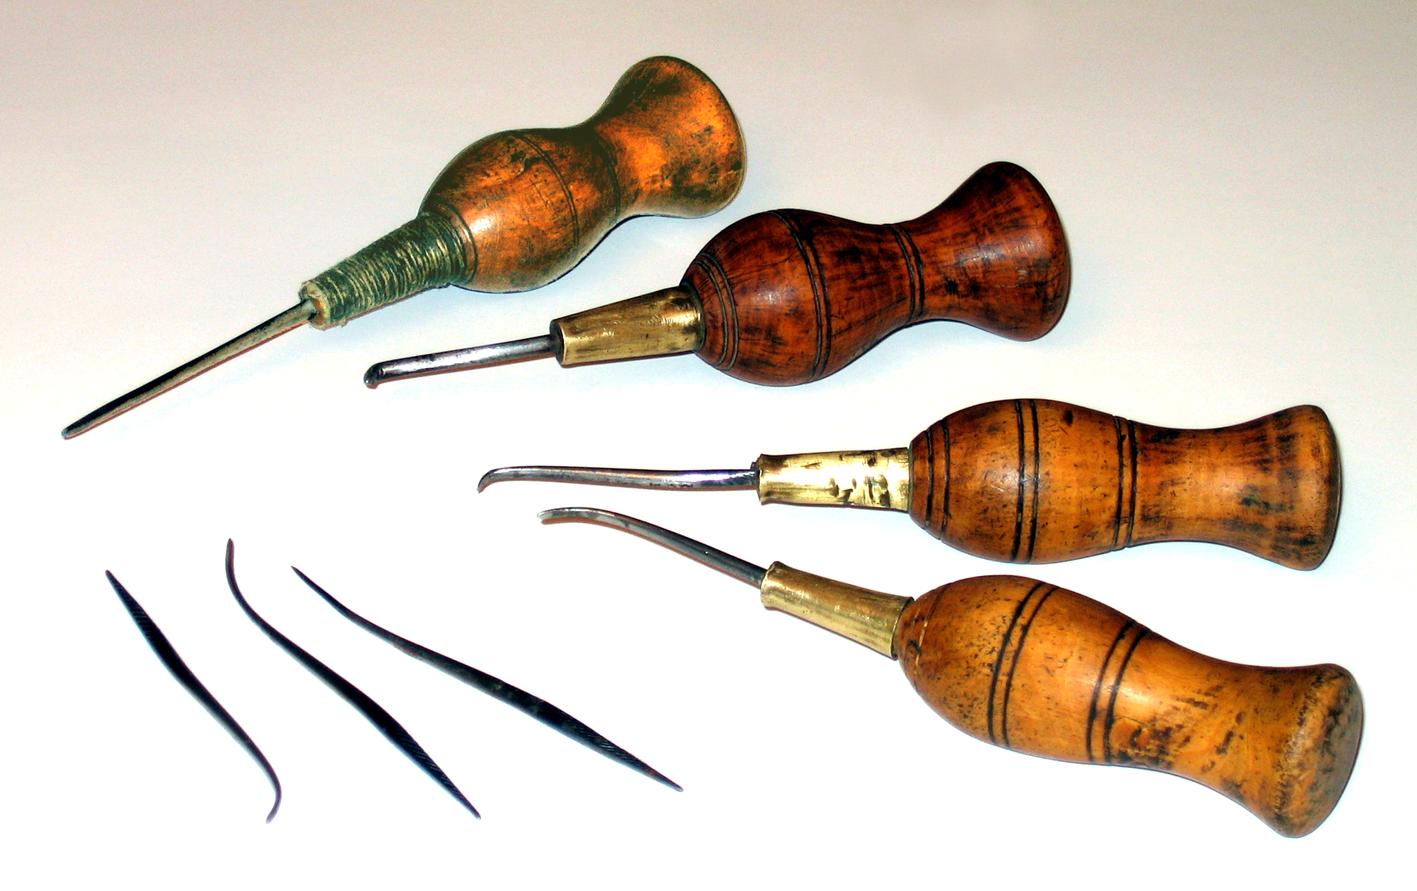 Stitching awl - Wikipedia